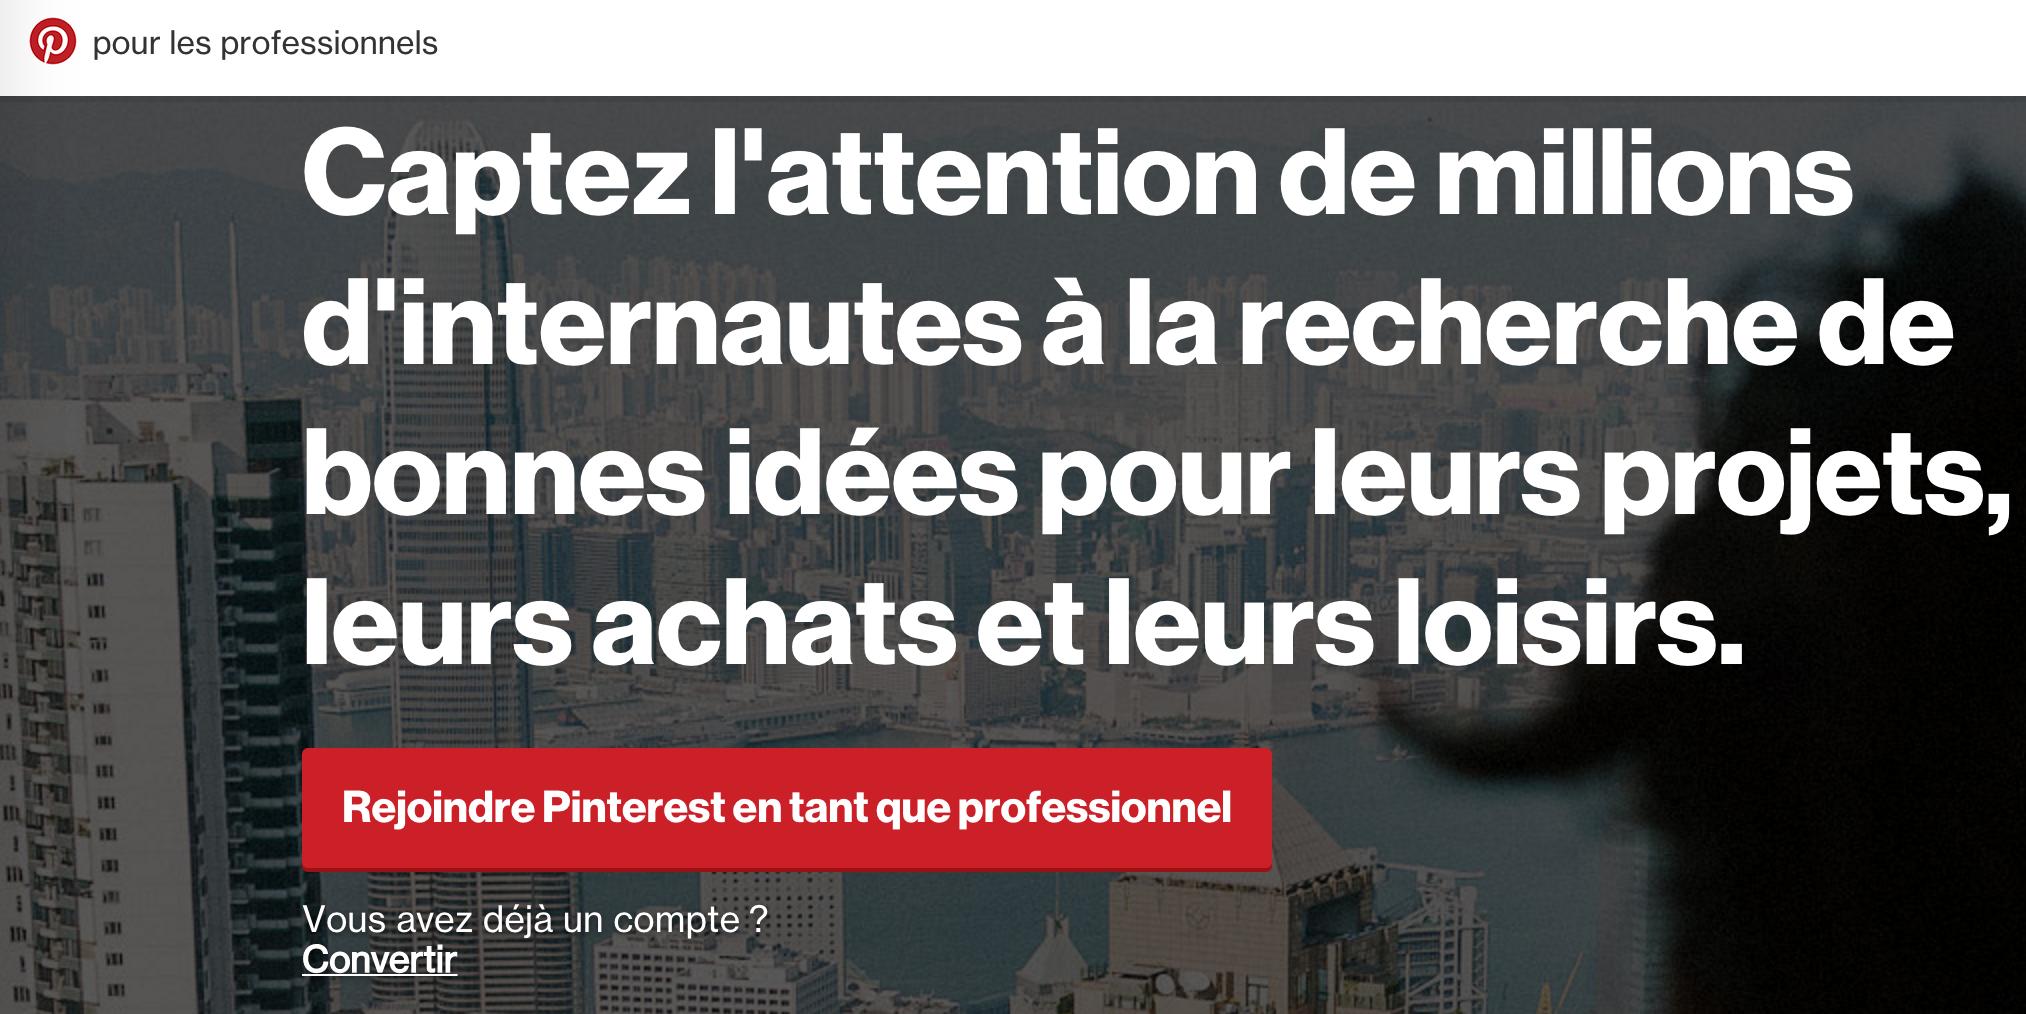 Compte Pinterest professionnel